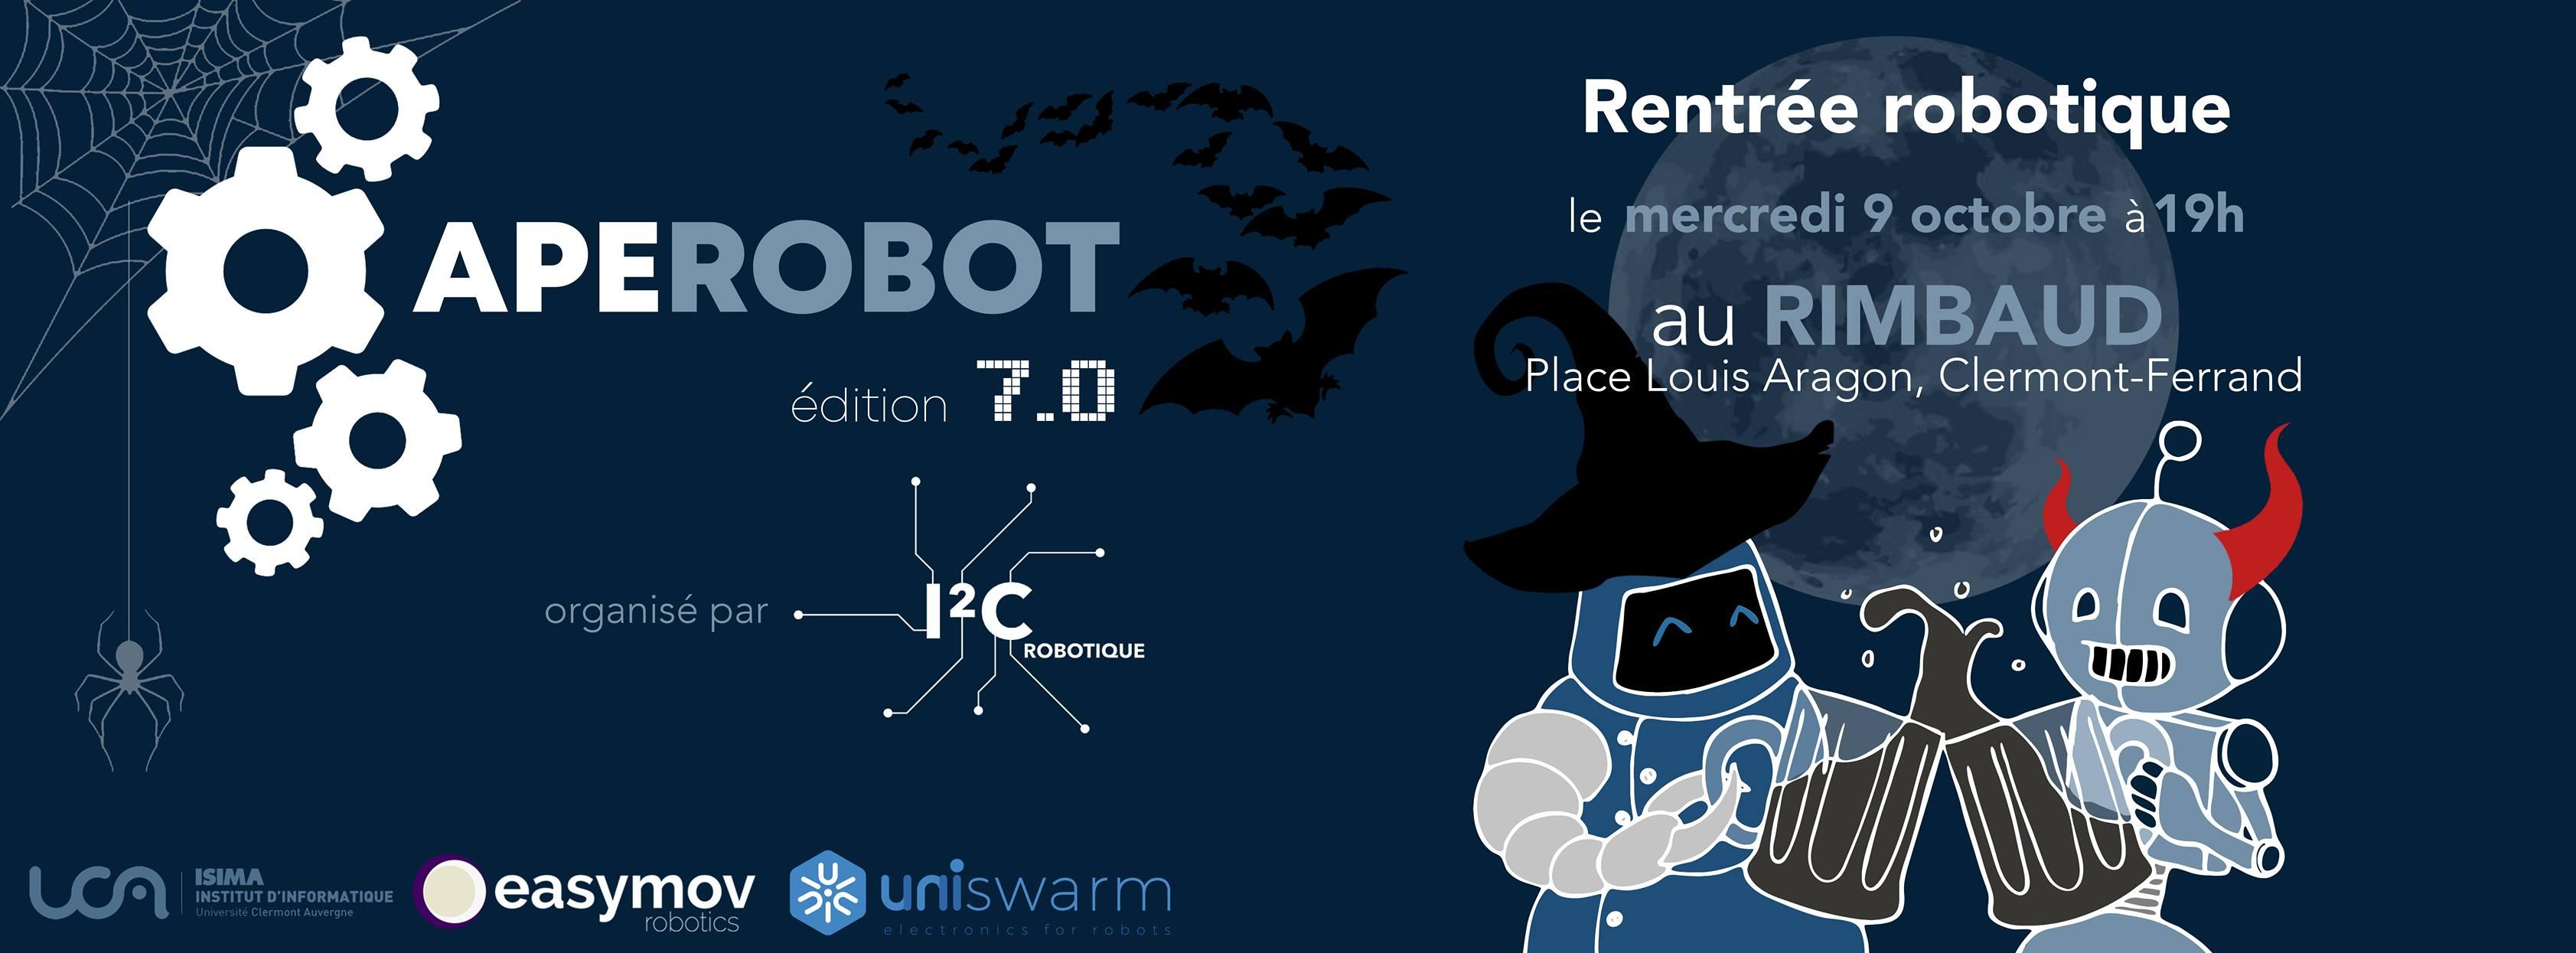 Aperobot Auvergne 7.0 - Rentrée Robotique @ Le Rimbaud | Colombes | Île-de-France | France